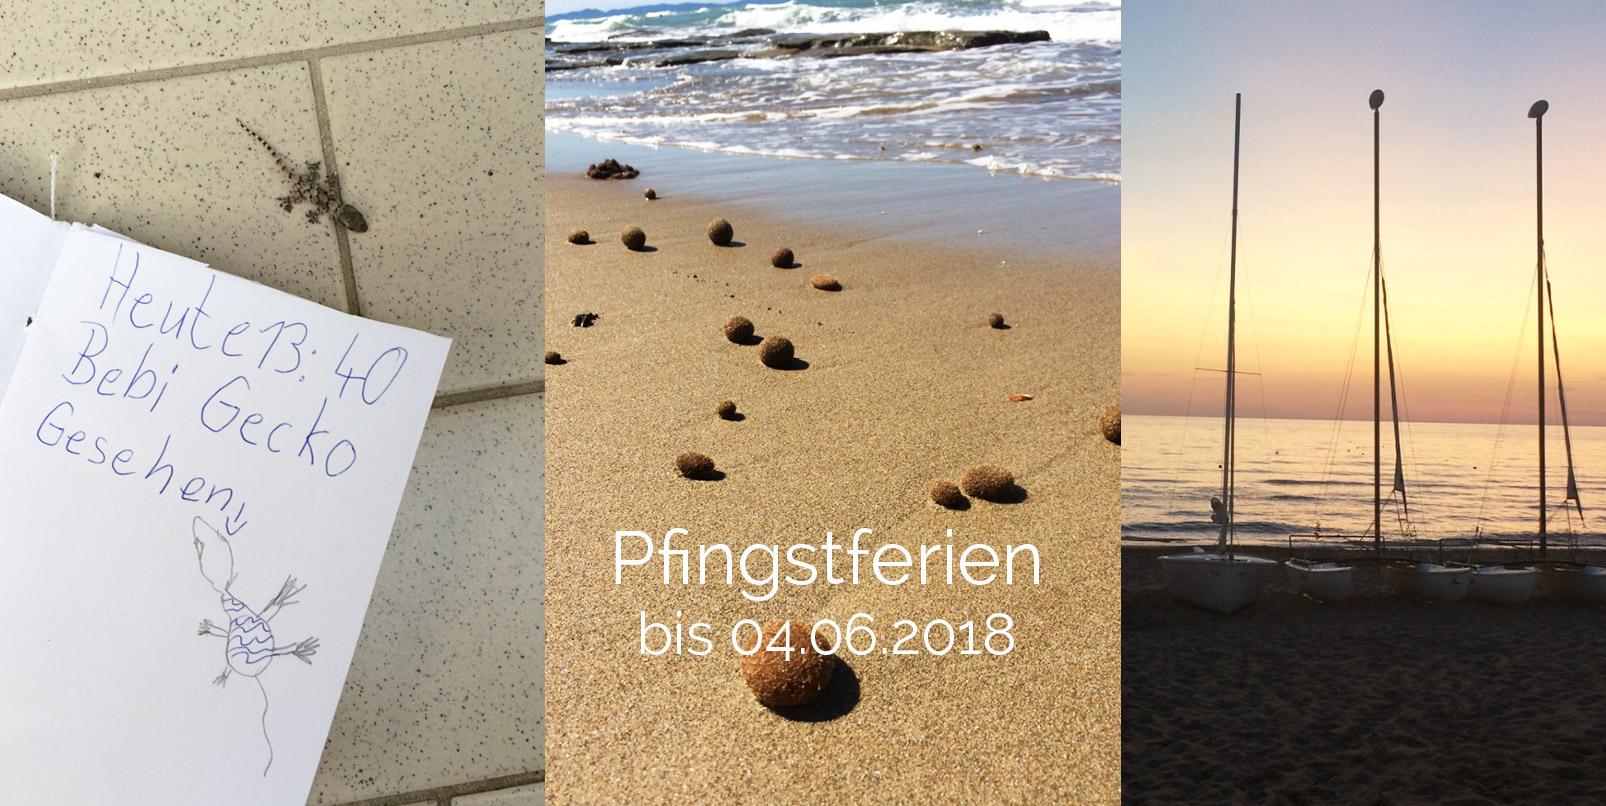 Urlaub bis 04.06.2018